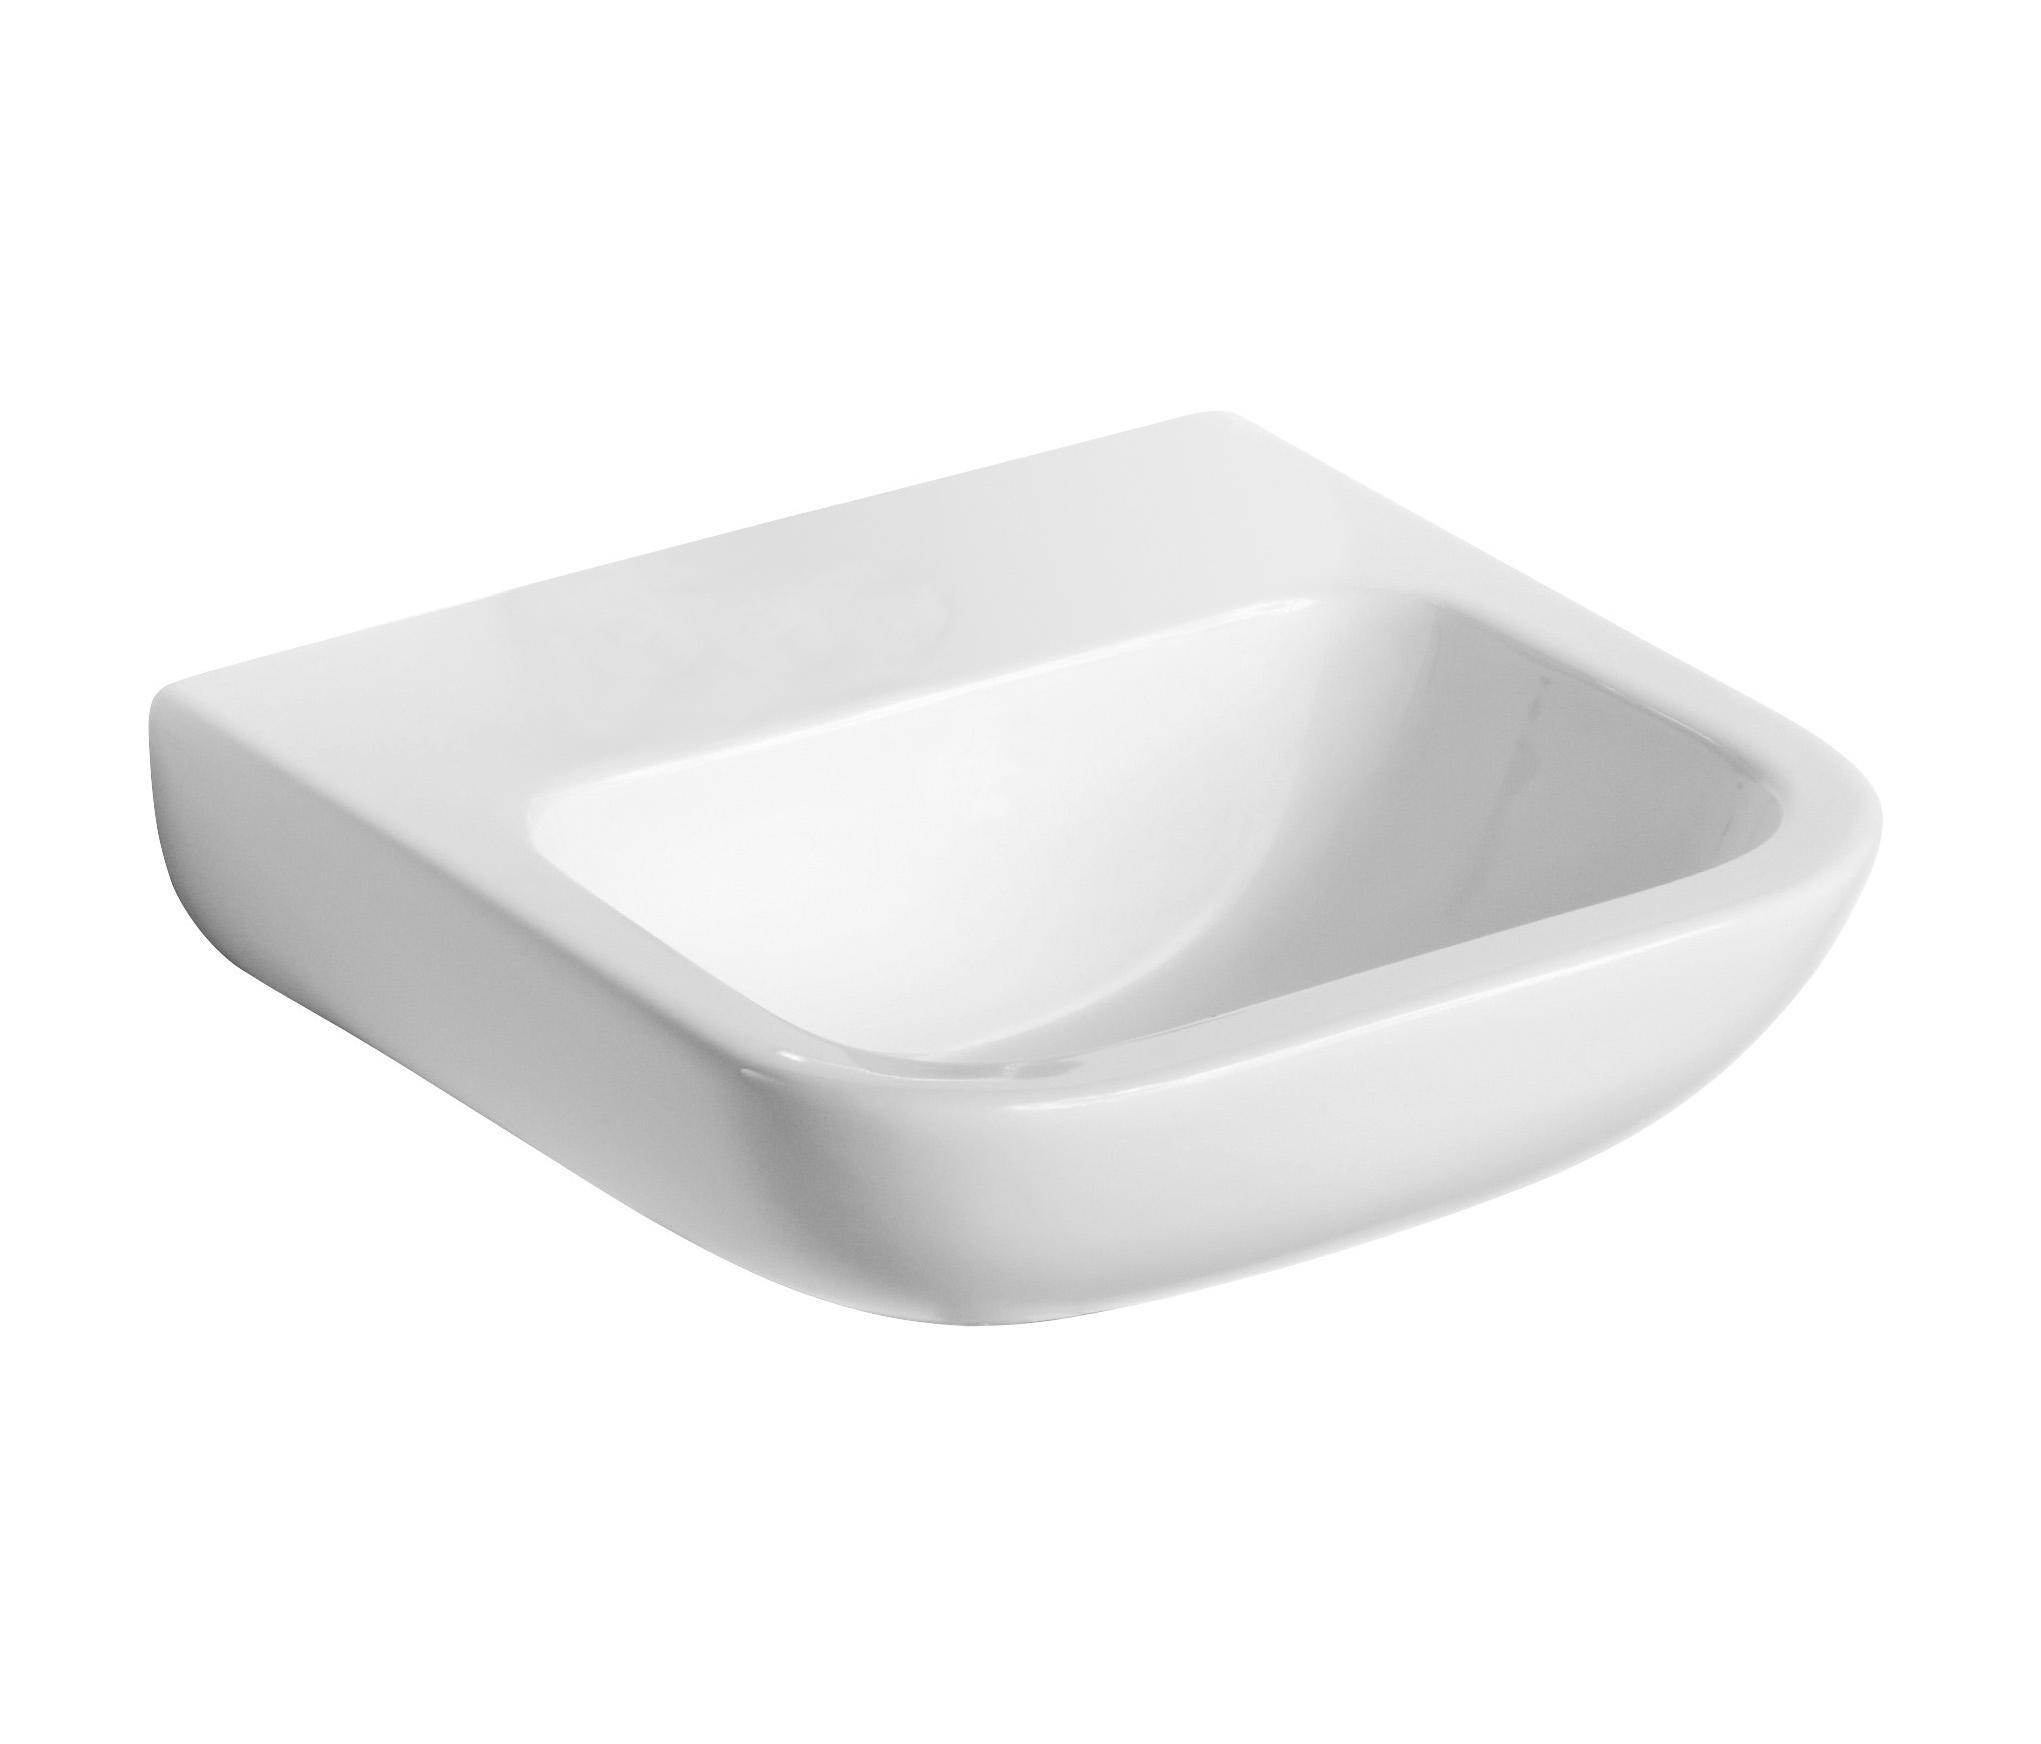 contour 21 handwaschbecken 400mm ohne hahnloch ohne berlauf waschtische von ideal standard. Black Bedroom Furniture Sets. Home Design Ideas